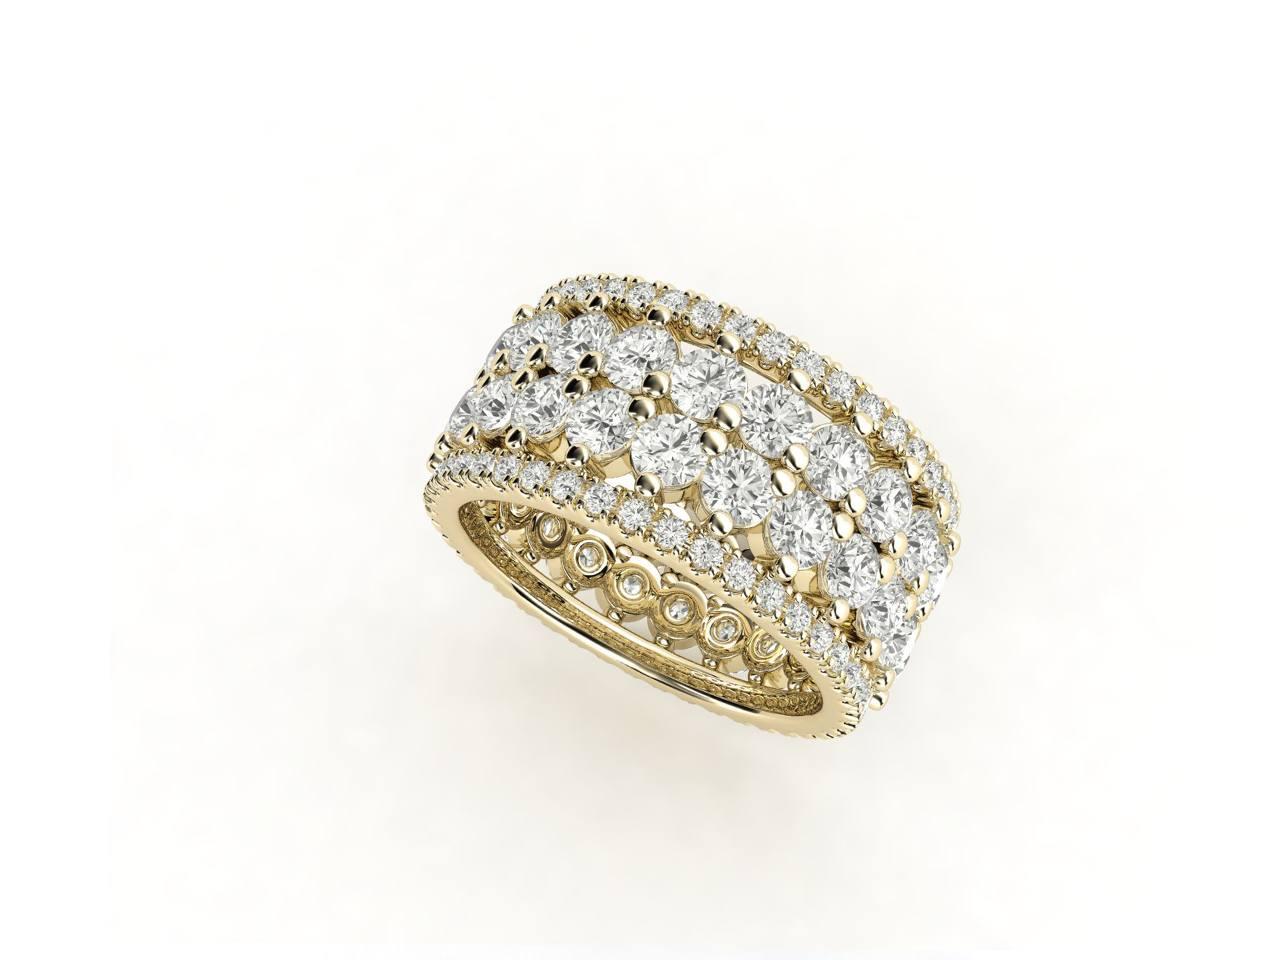 טבעת יהלומים זהב צהוב פאווה נצחיות פרמיום, סהכ 4.16 קאראט יהלומים 2